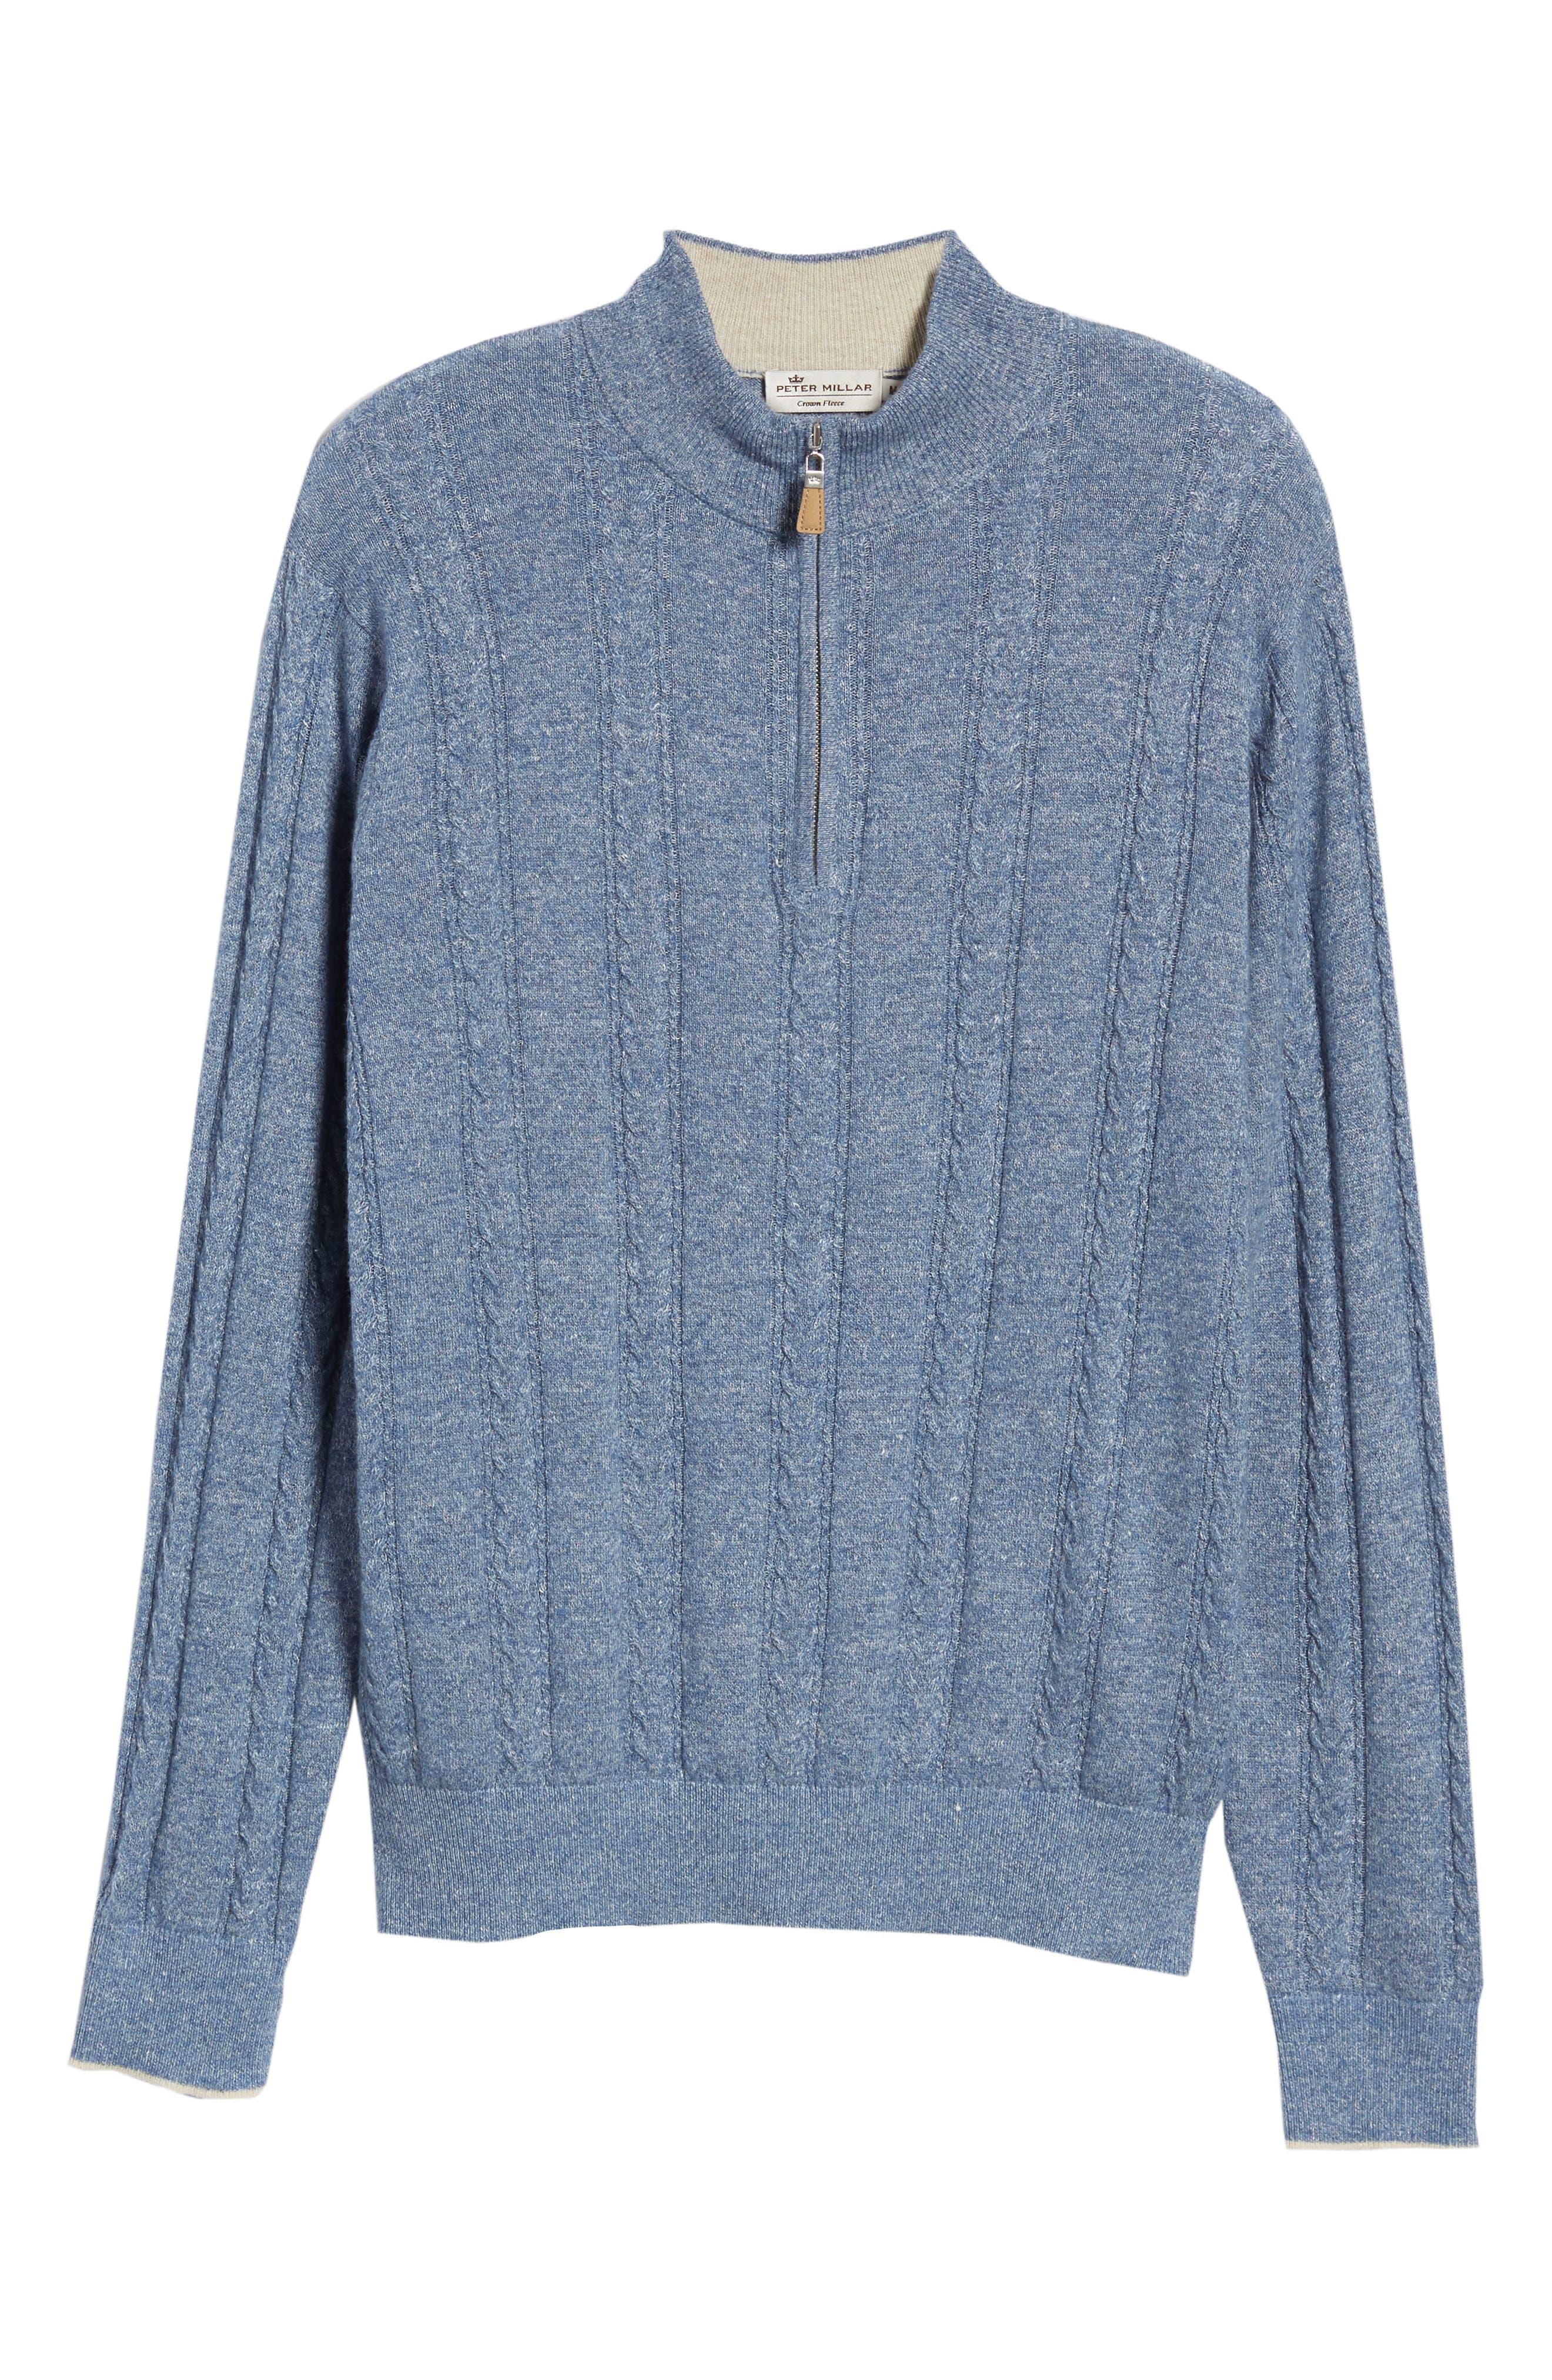 Crown Fleece Cashmere & Linen Quarter Zip Sweater,                             Alternate thumbnail 6, color,                             418